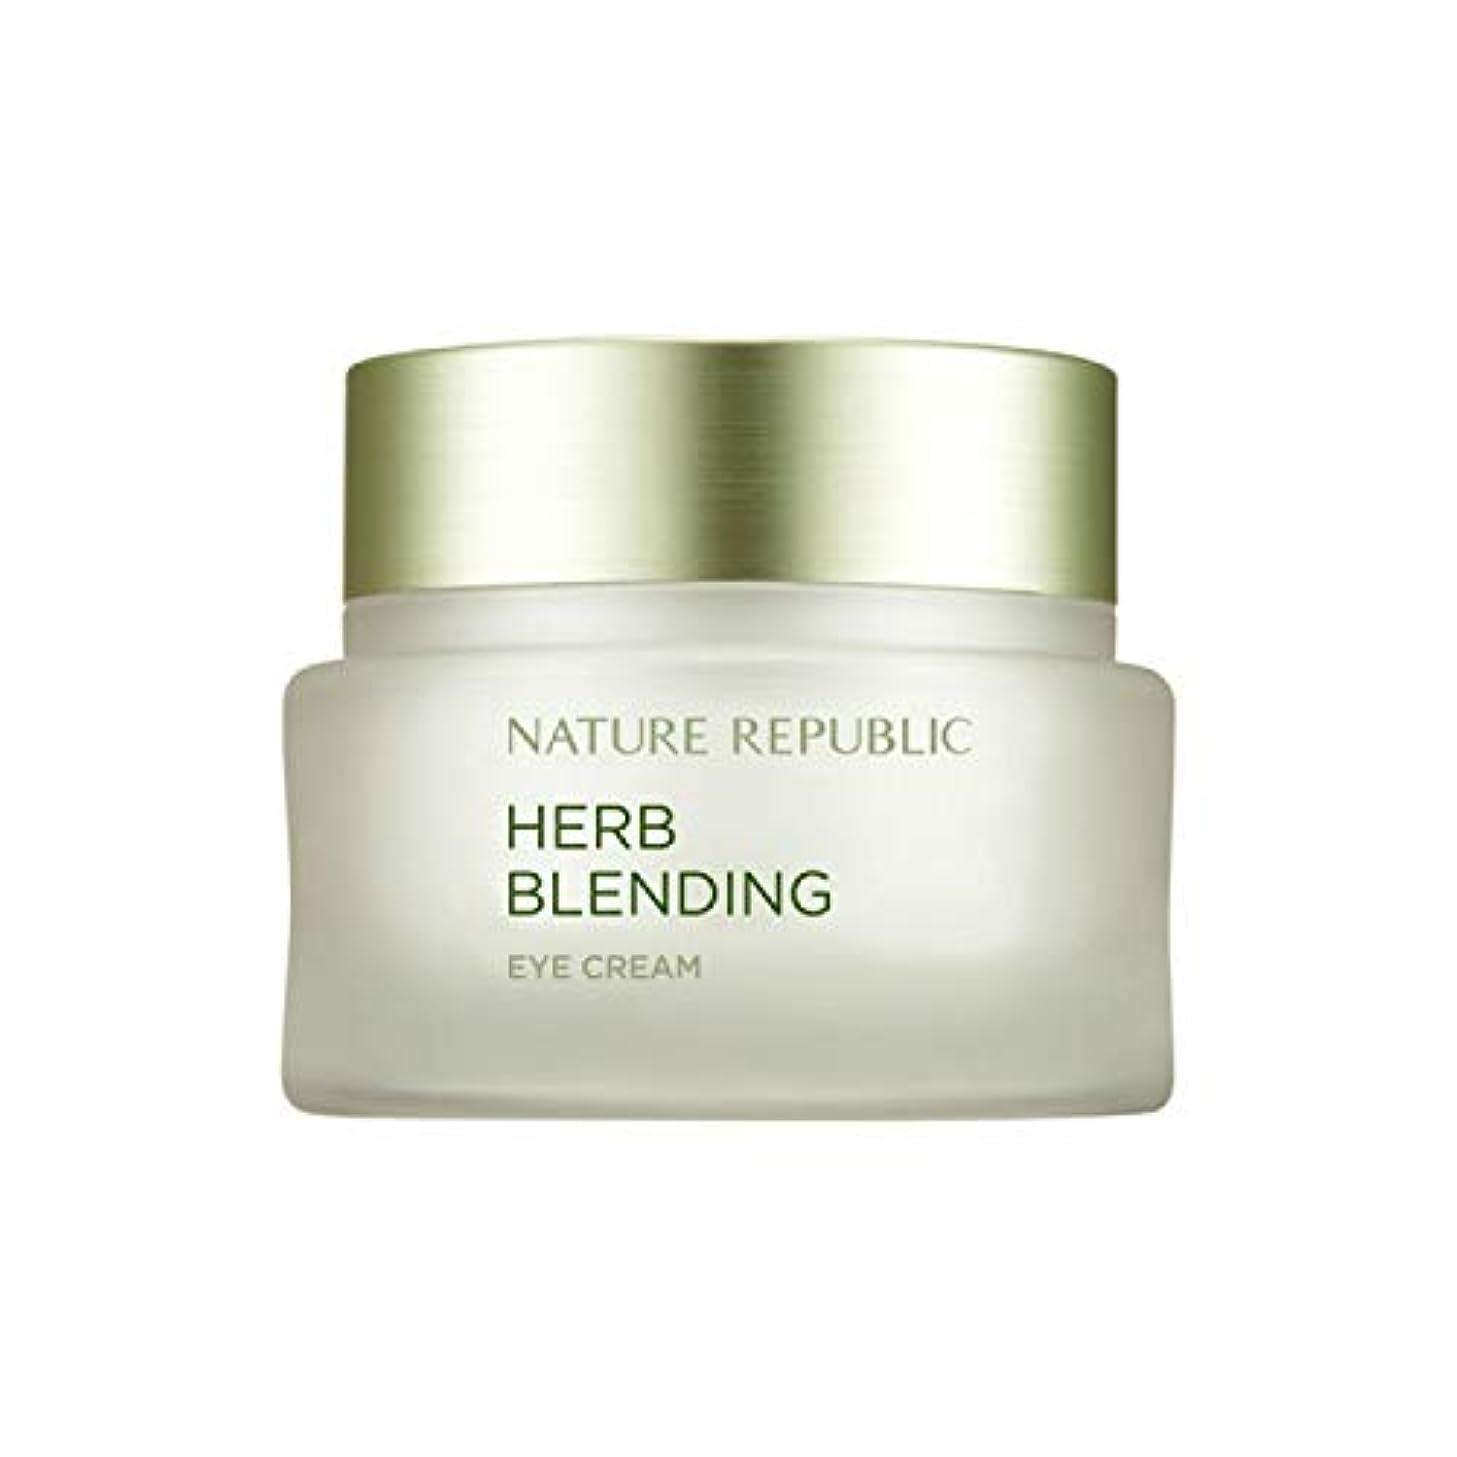 聖歌カリキュラムズームネイチャーリパブリック(Nature Republic)ハブブレンドアイクリーム 25ml / Herb Blending Eye Cream 25ml :: 韓国コスメ [並行輸入品]